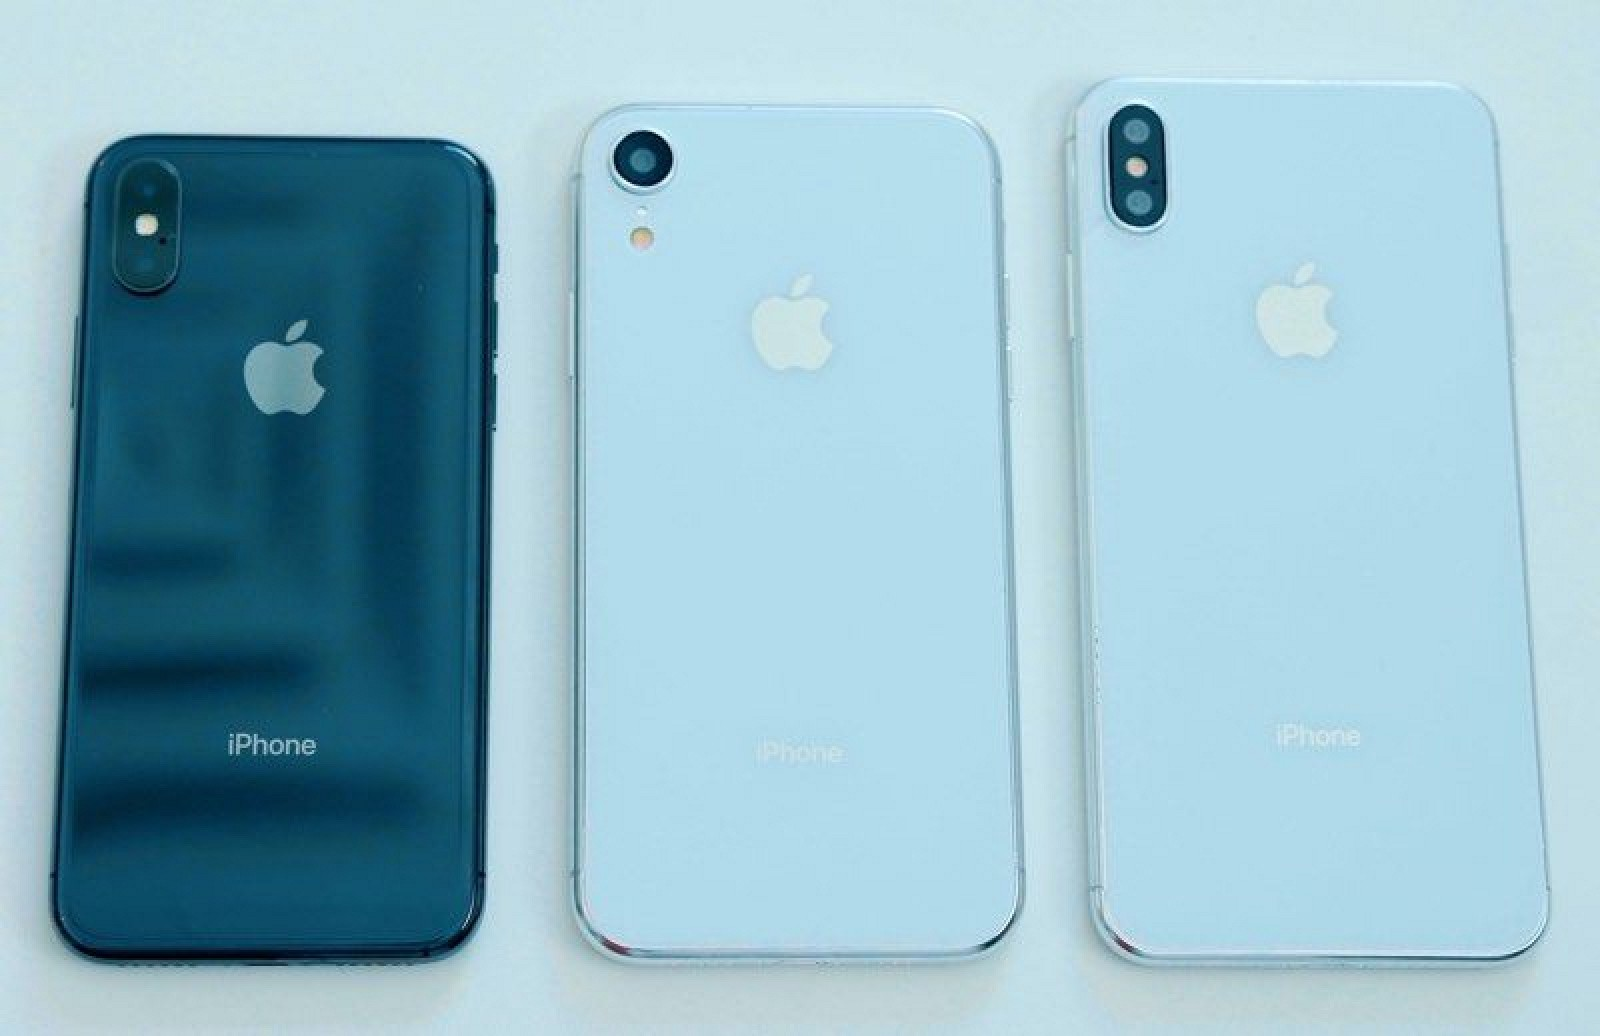 苹果预期将发表三款全新iPhone